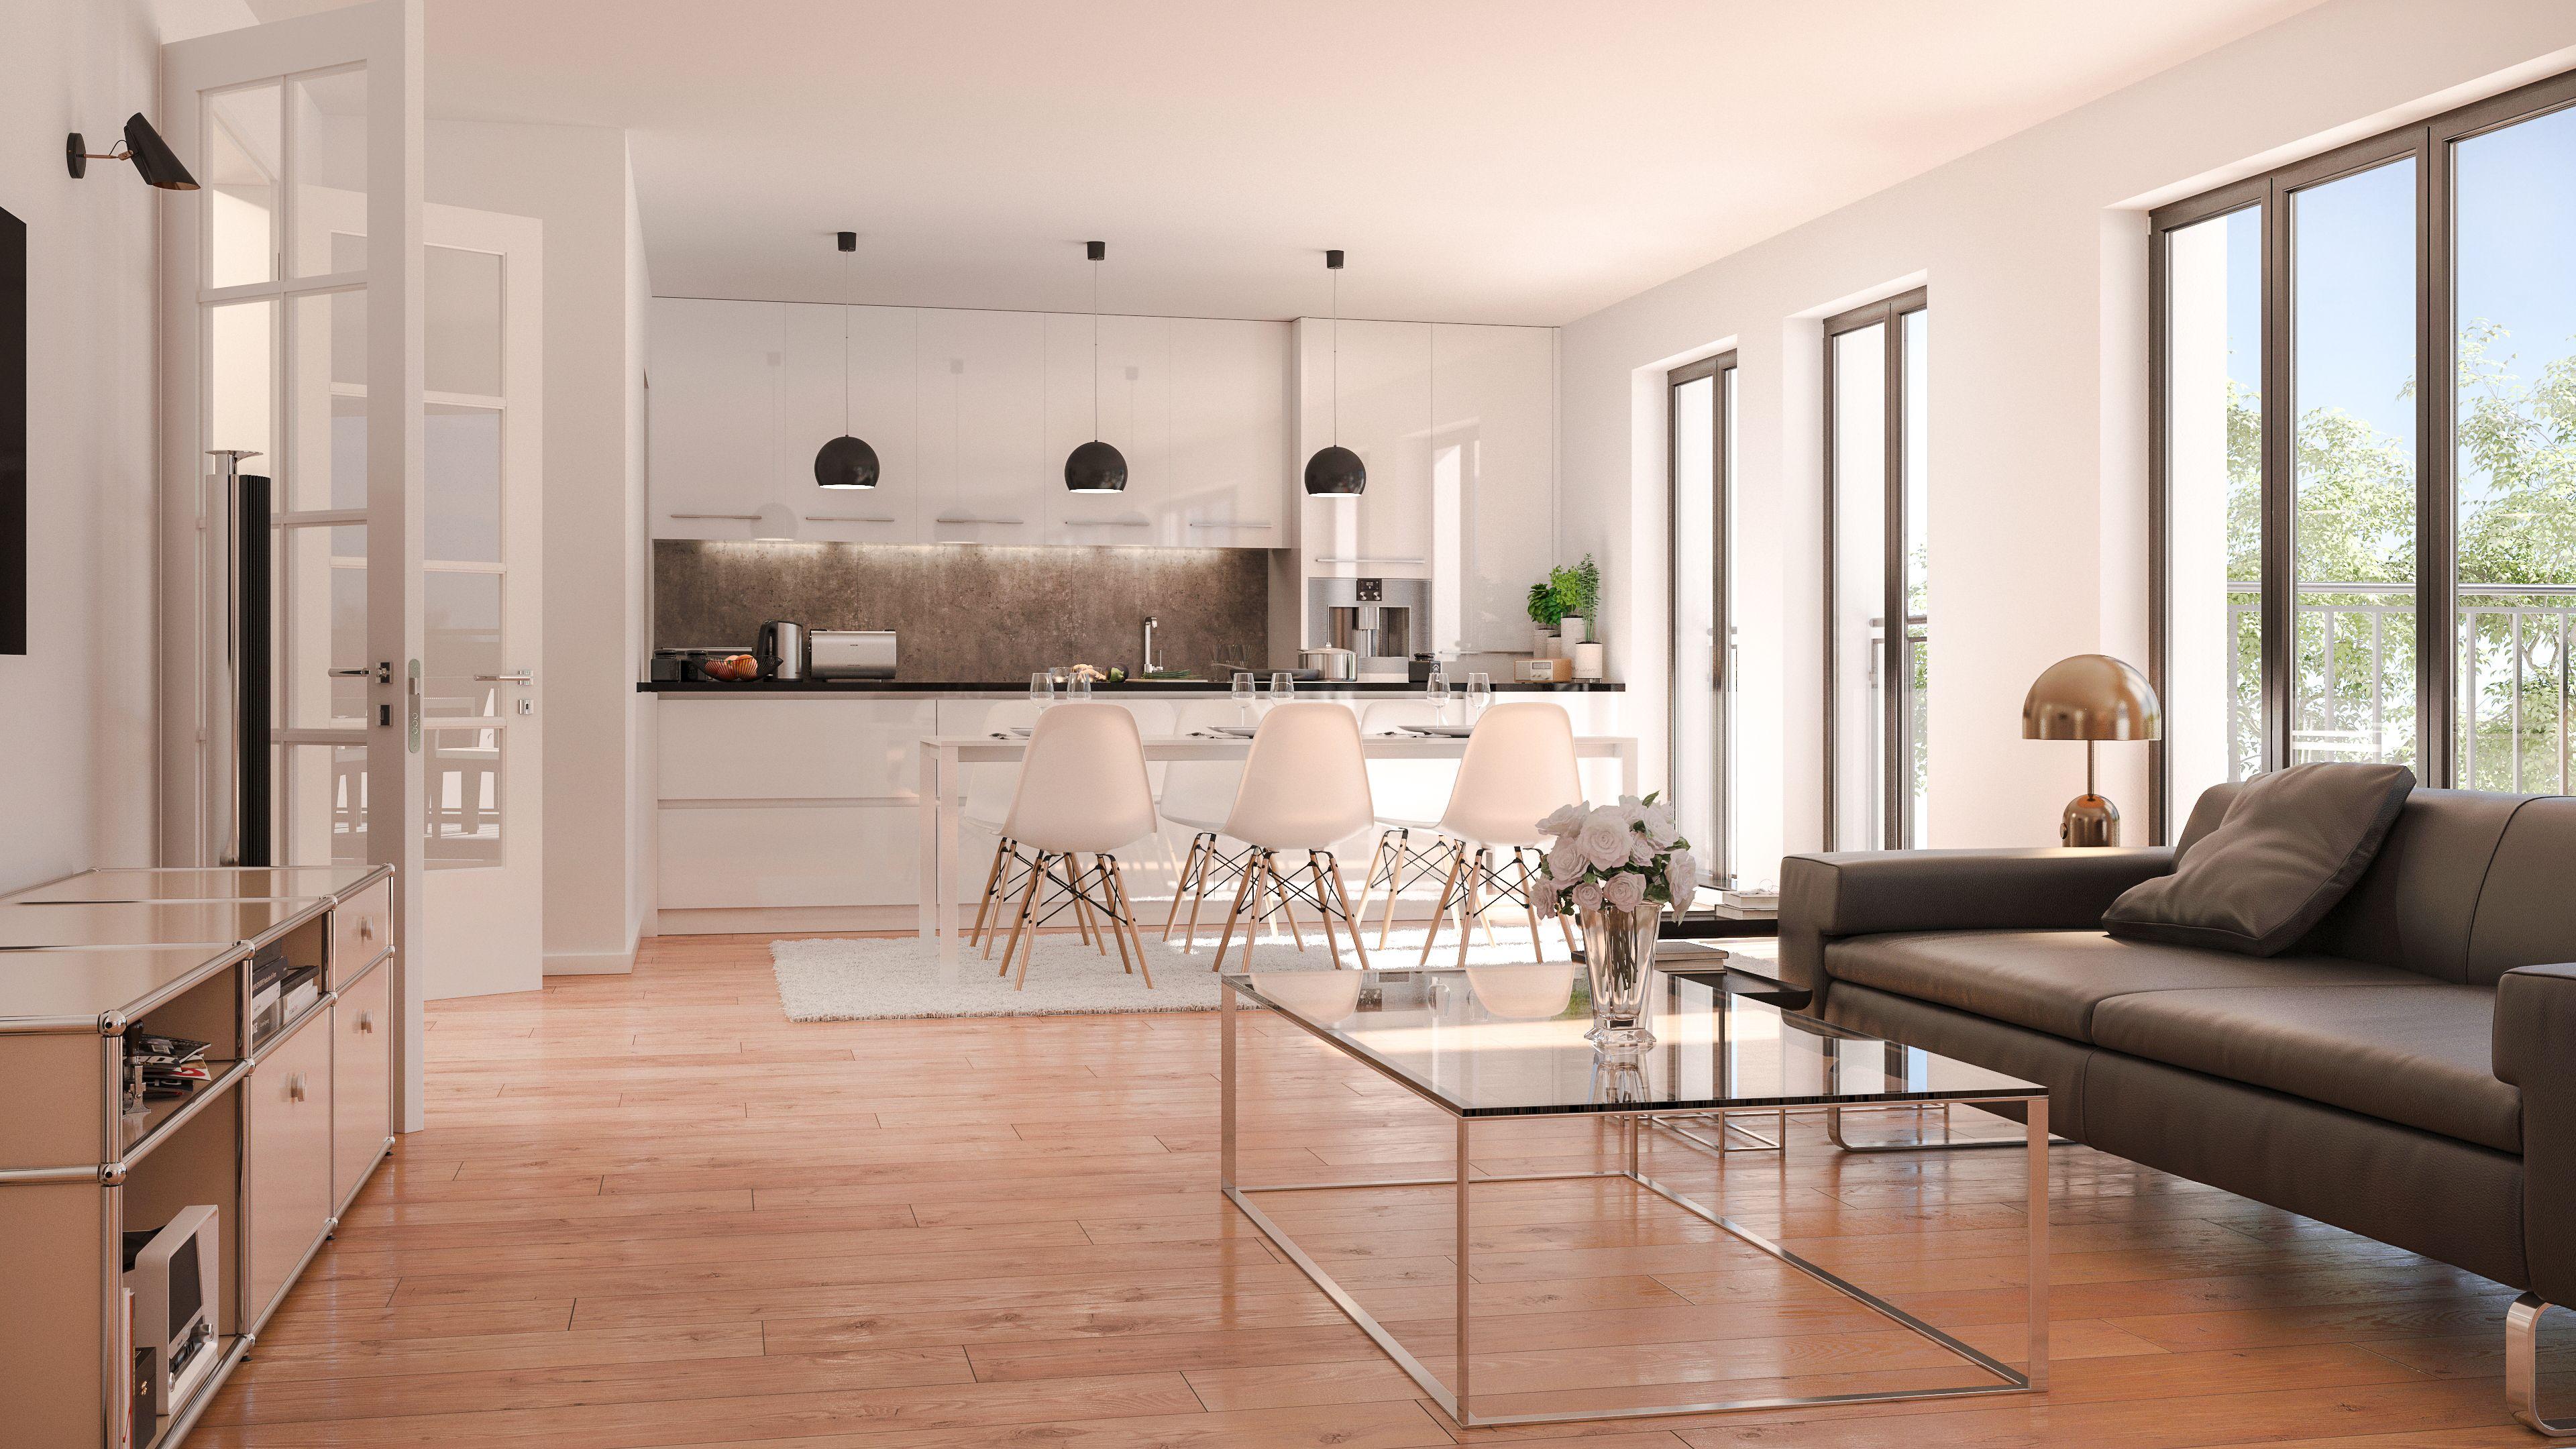 küche umplanen besonders pic oder bbbeccfafacfb jpg